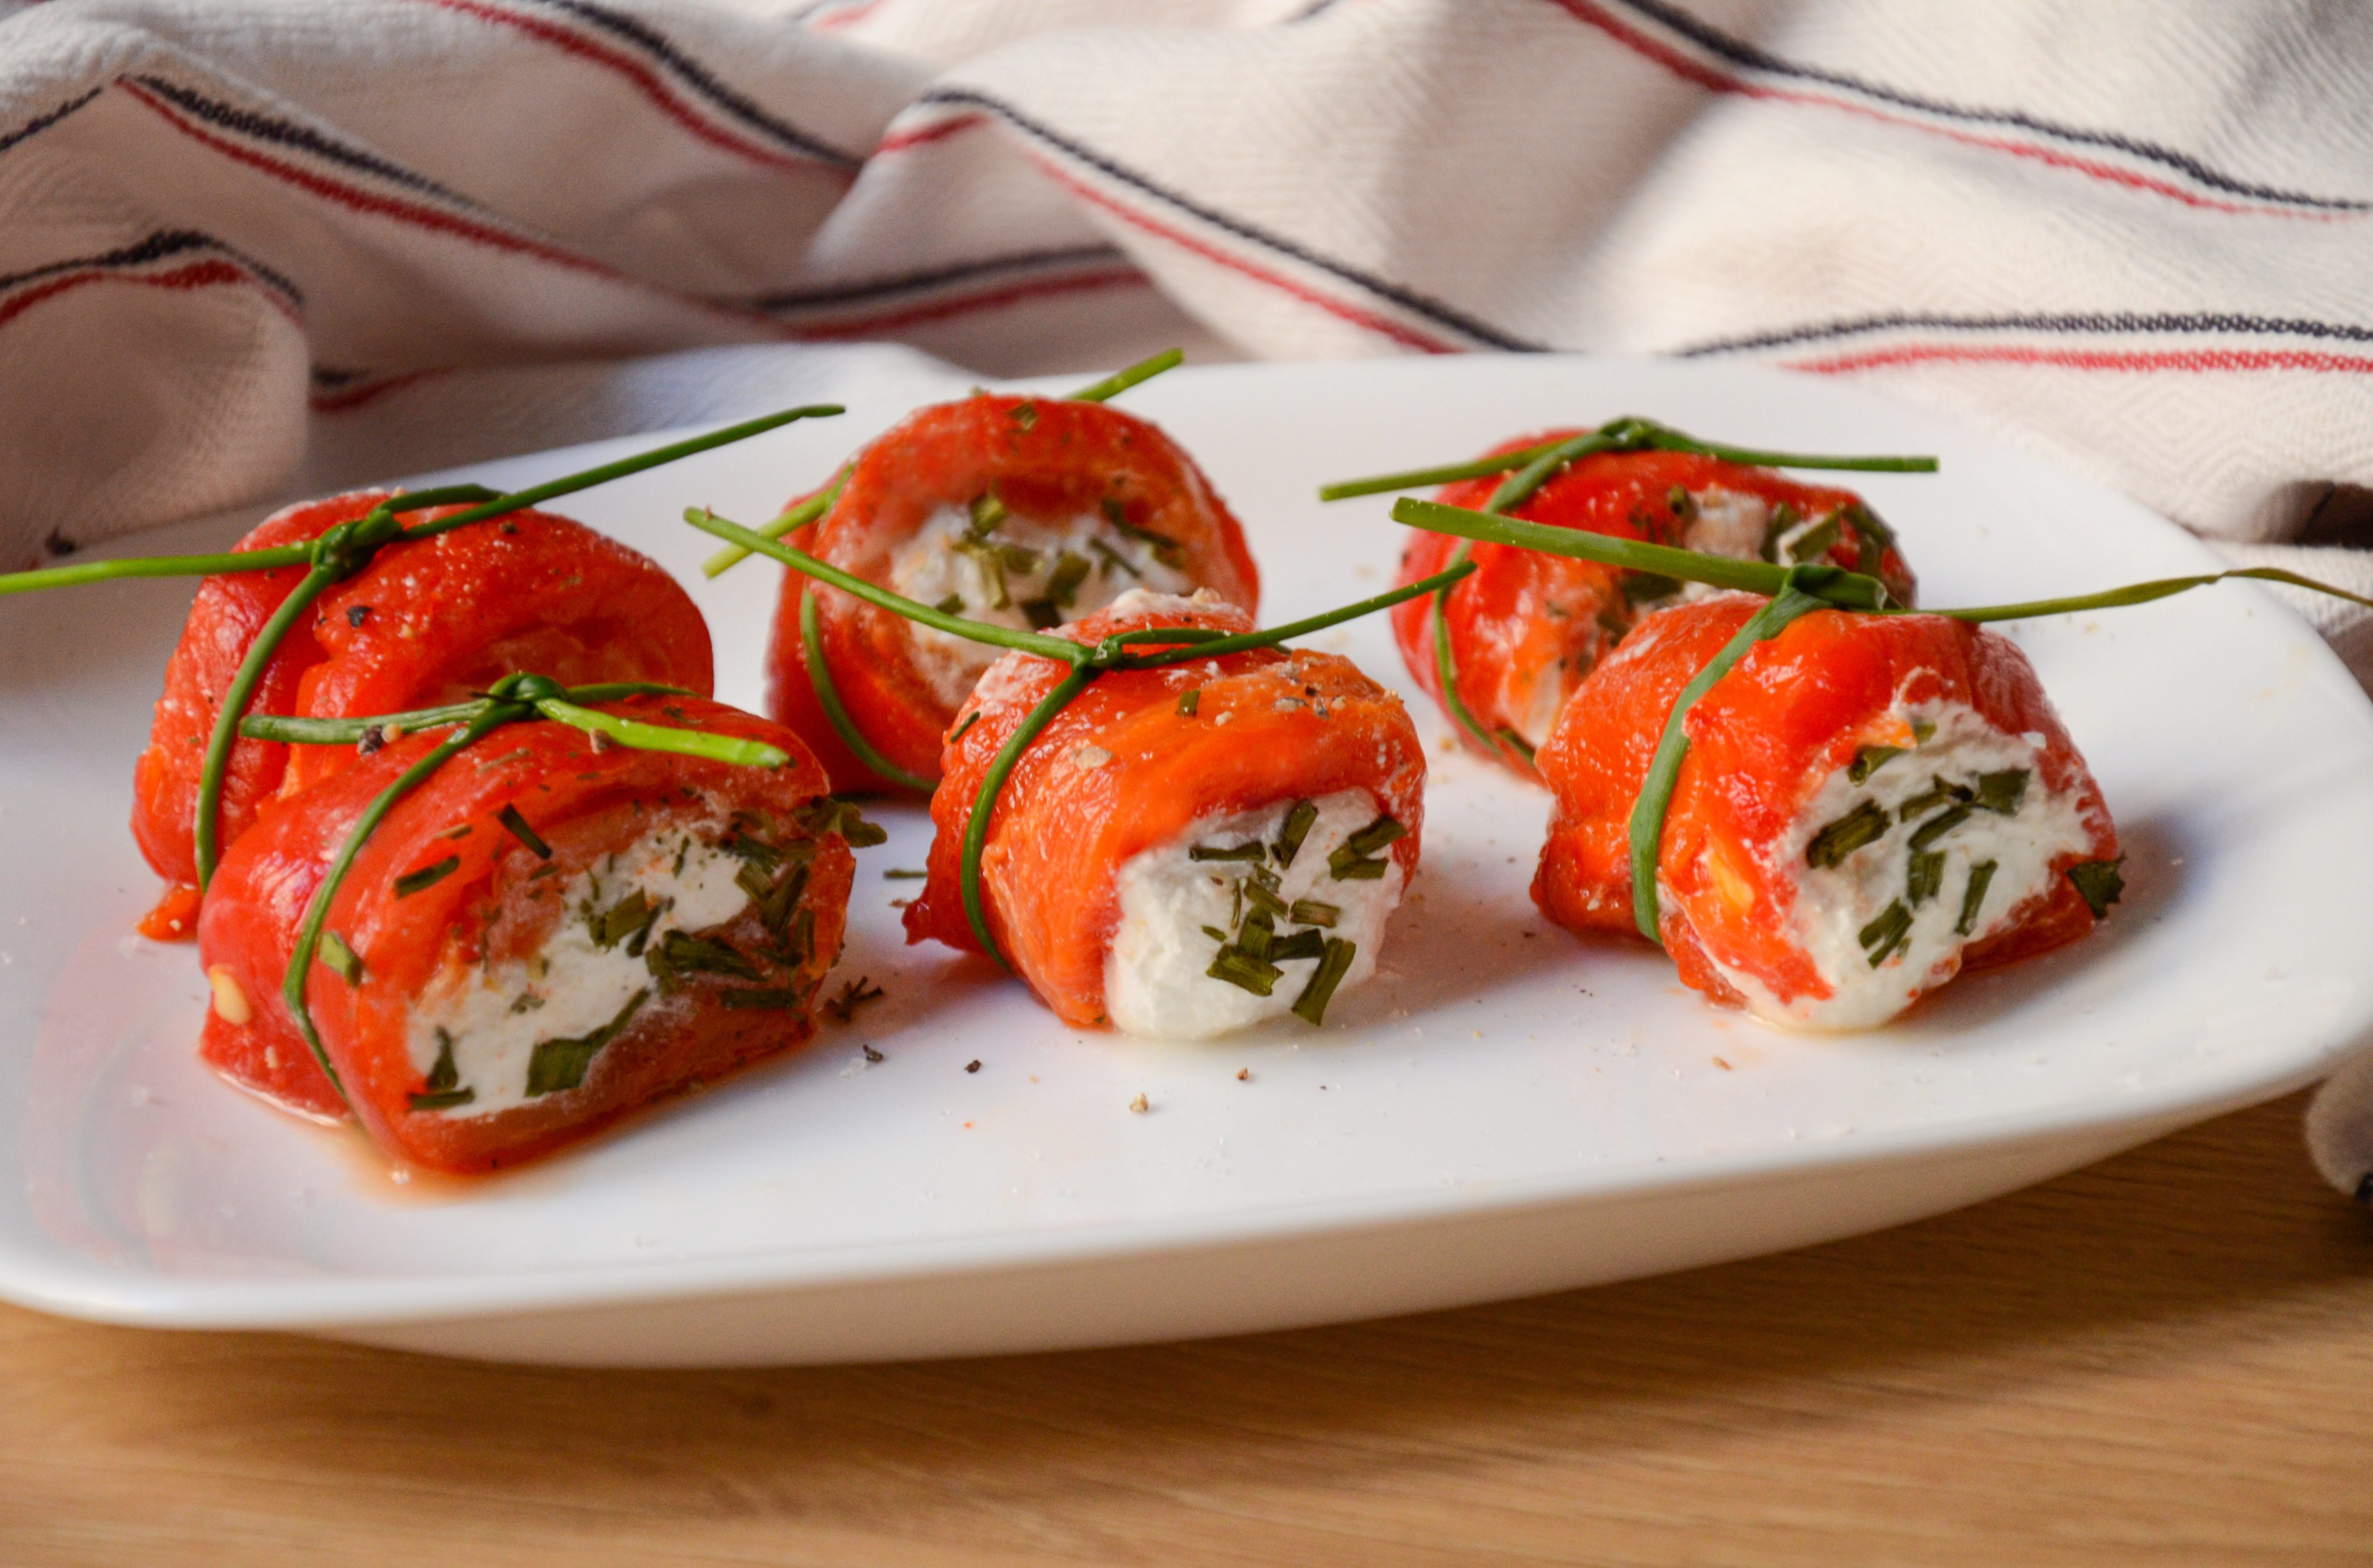 Involtini di peperoni e caprino: la ricetta dell'antipasto sfizioso e leggero